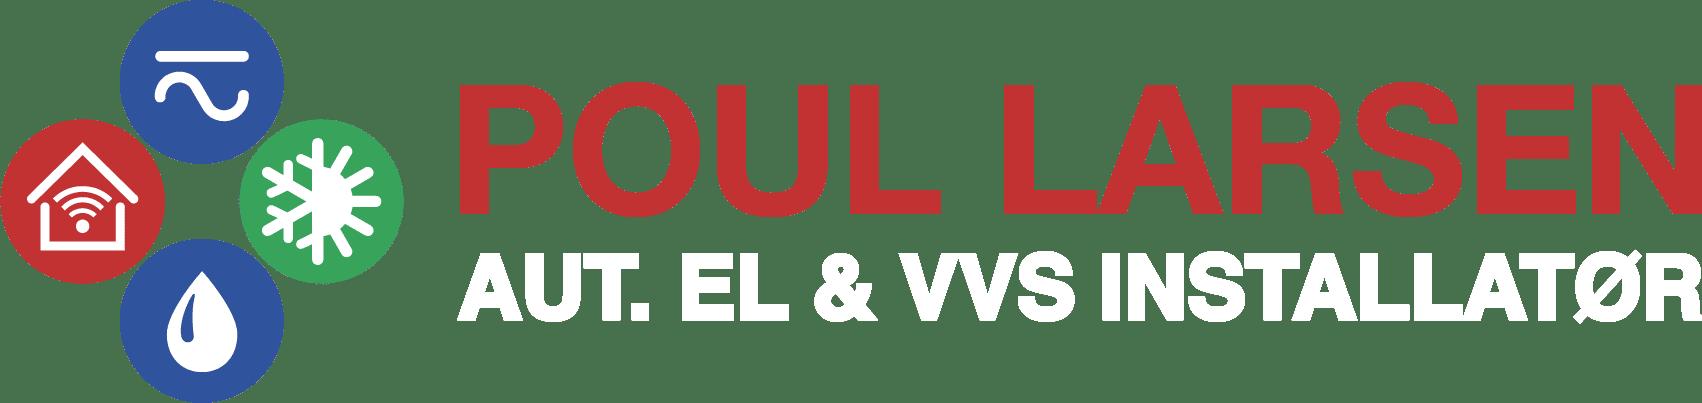 A/S Poul Larsen | Elektriker og vvs i Fjenneslev og Taastrup